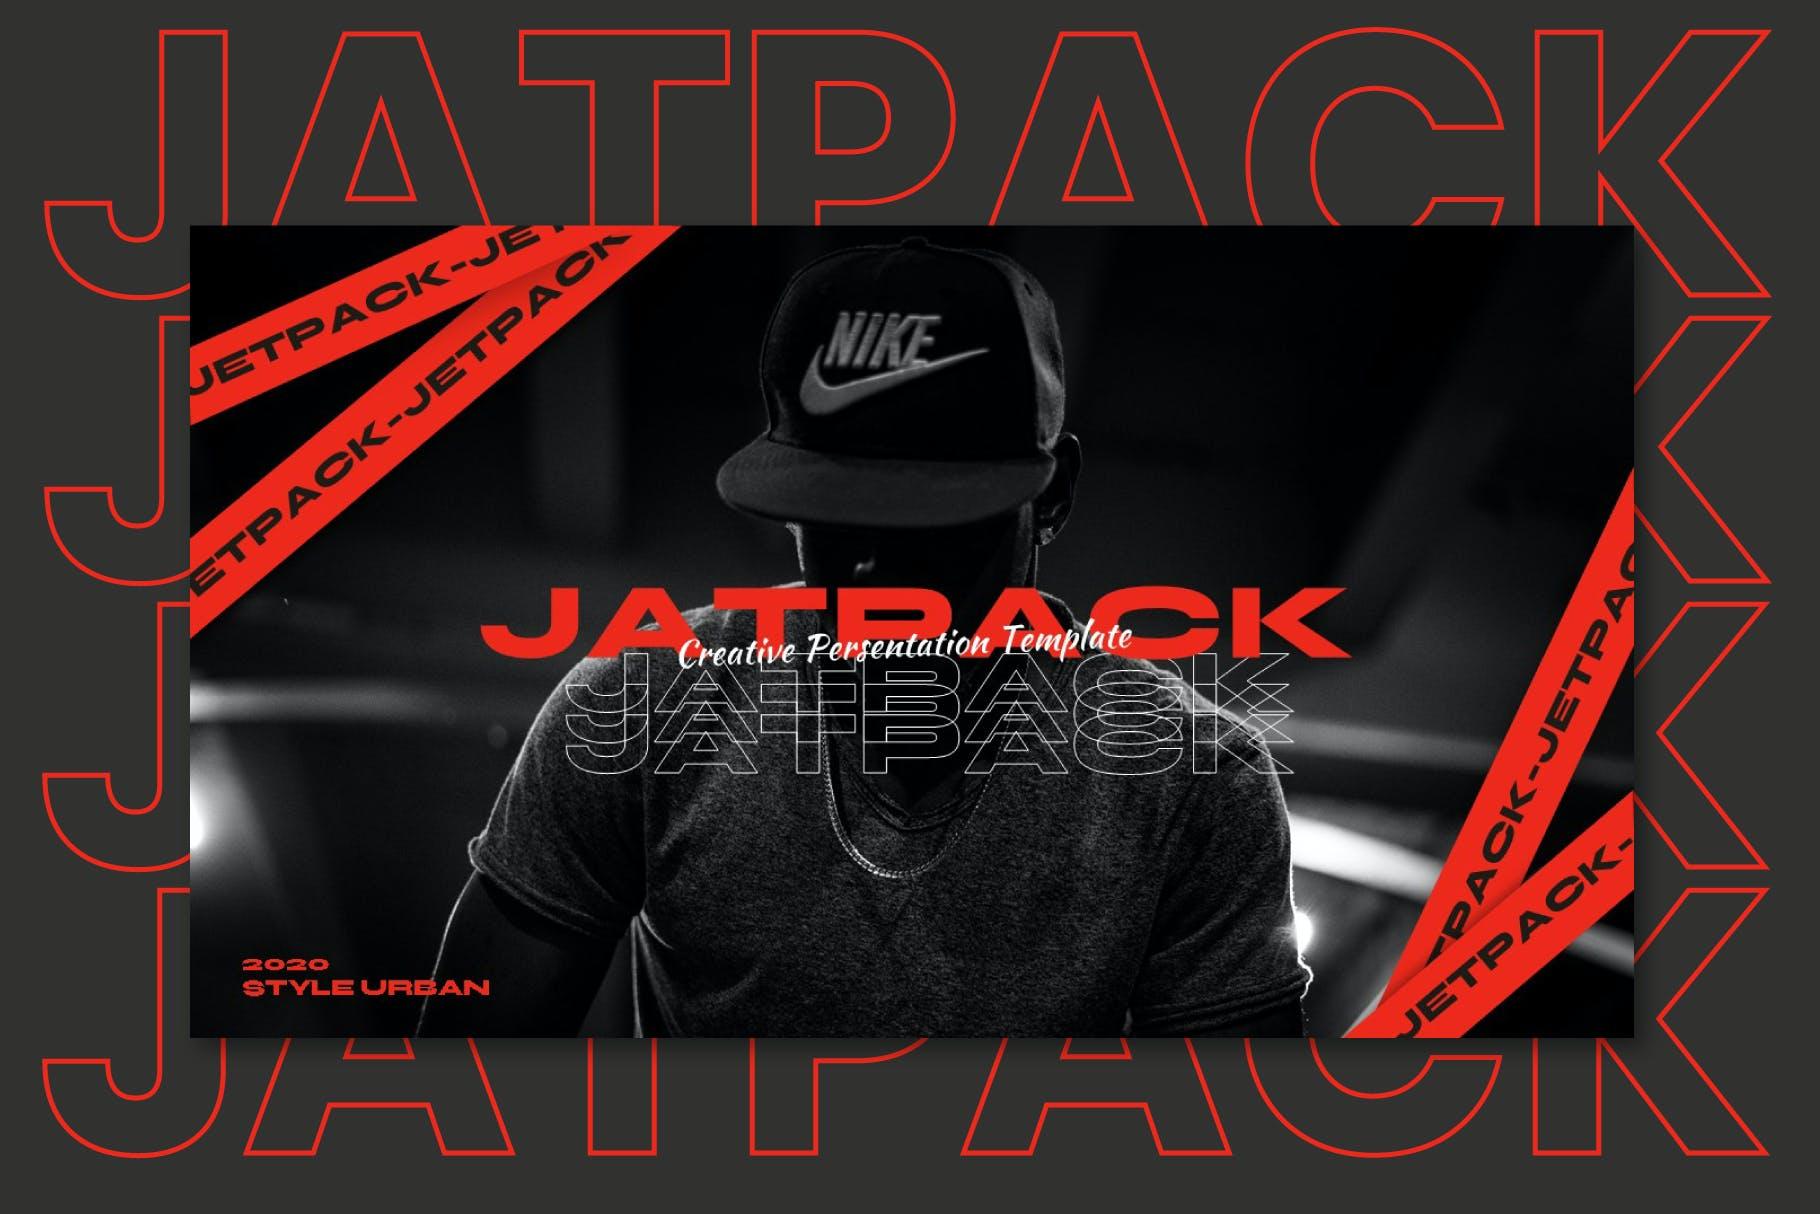 时尚潮流街头文化潮牌品牌推广深色PPT演示文稿模板 Jetpack – Powerpoint Template插图(1)